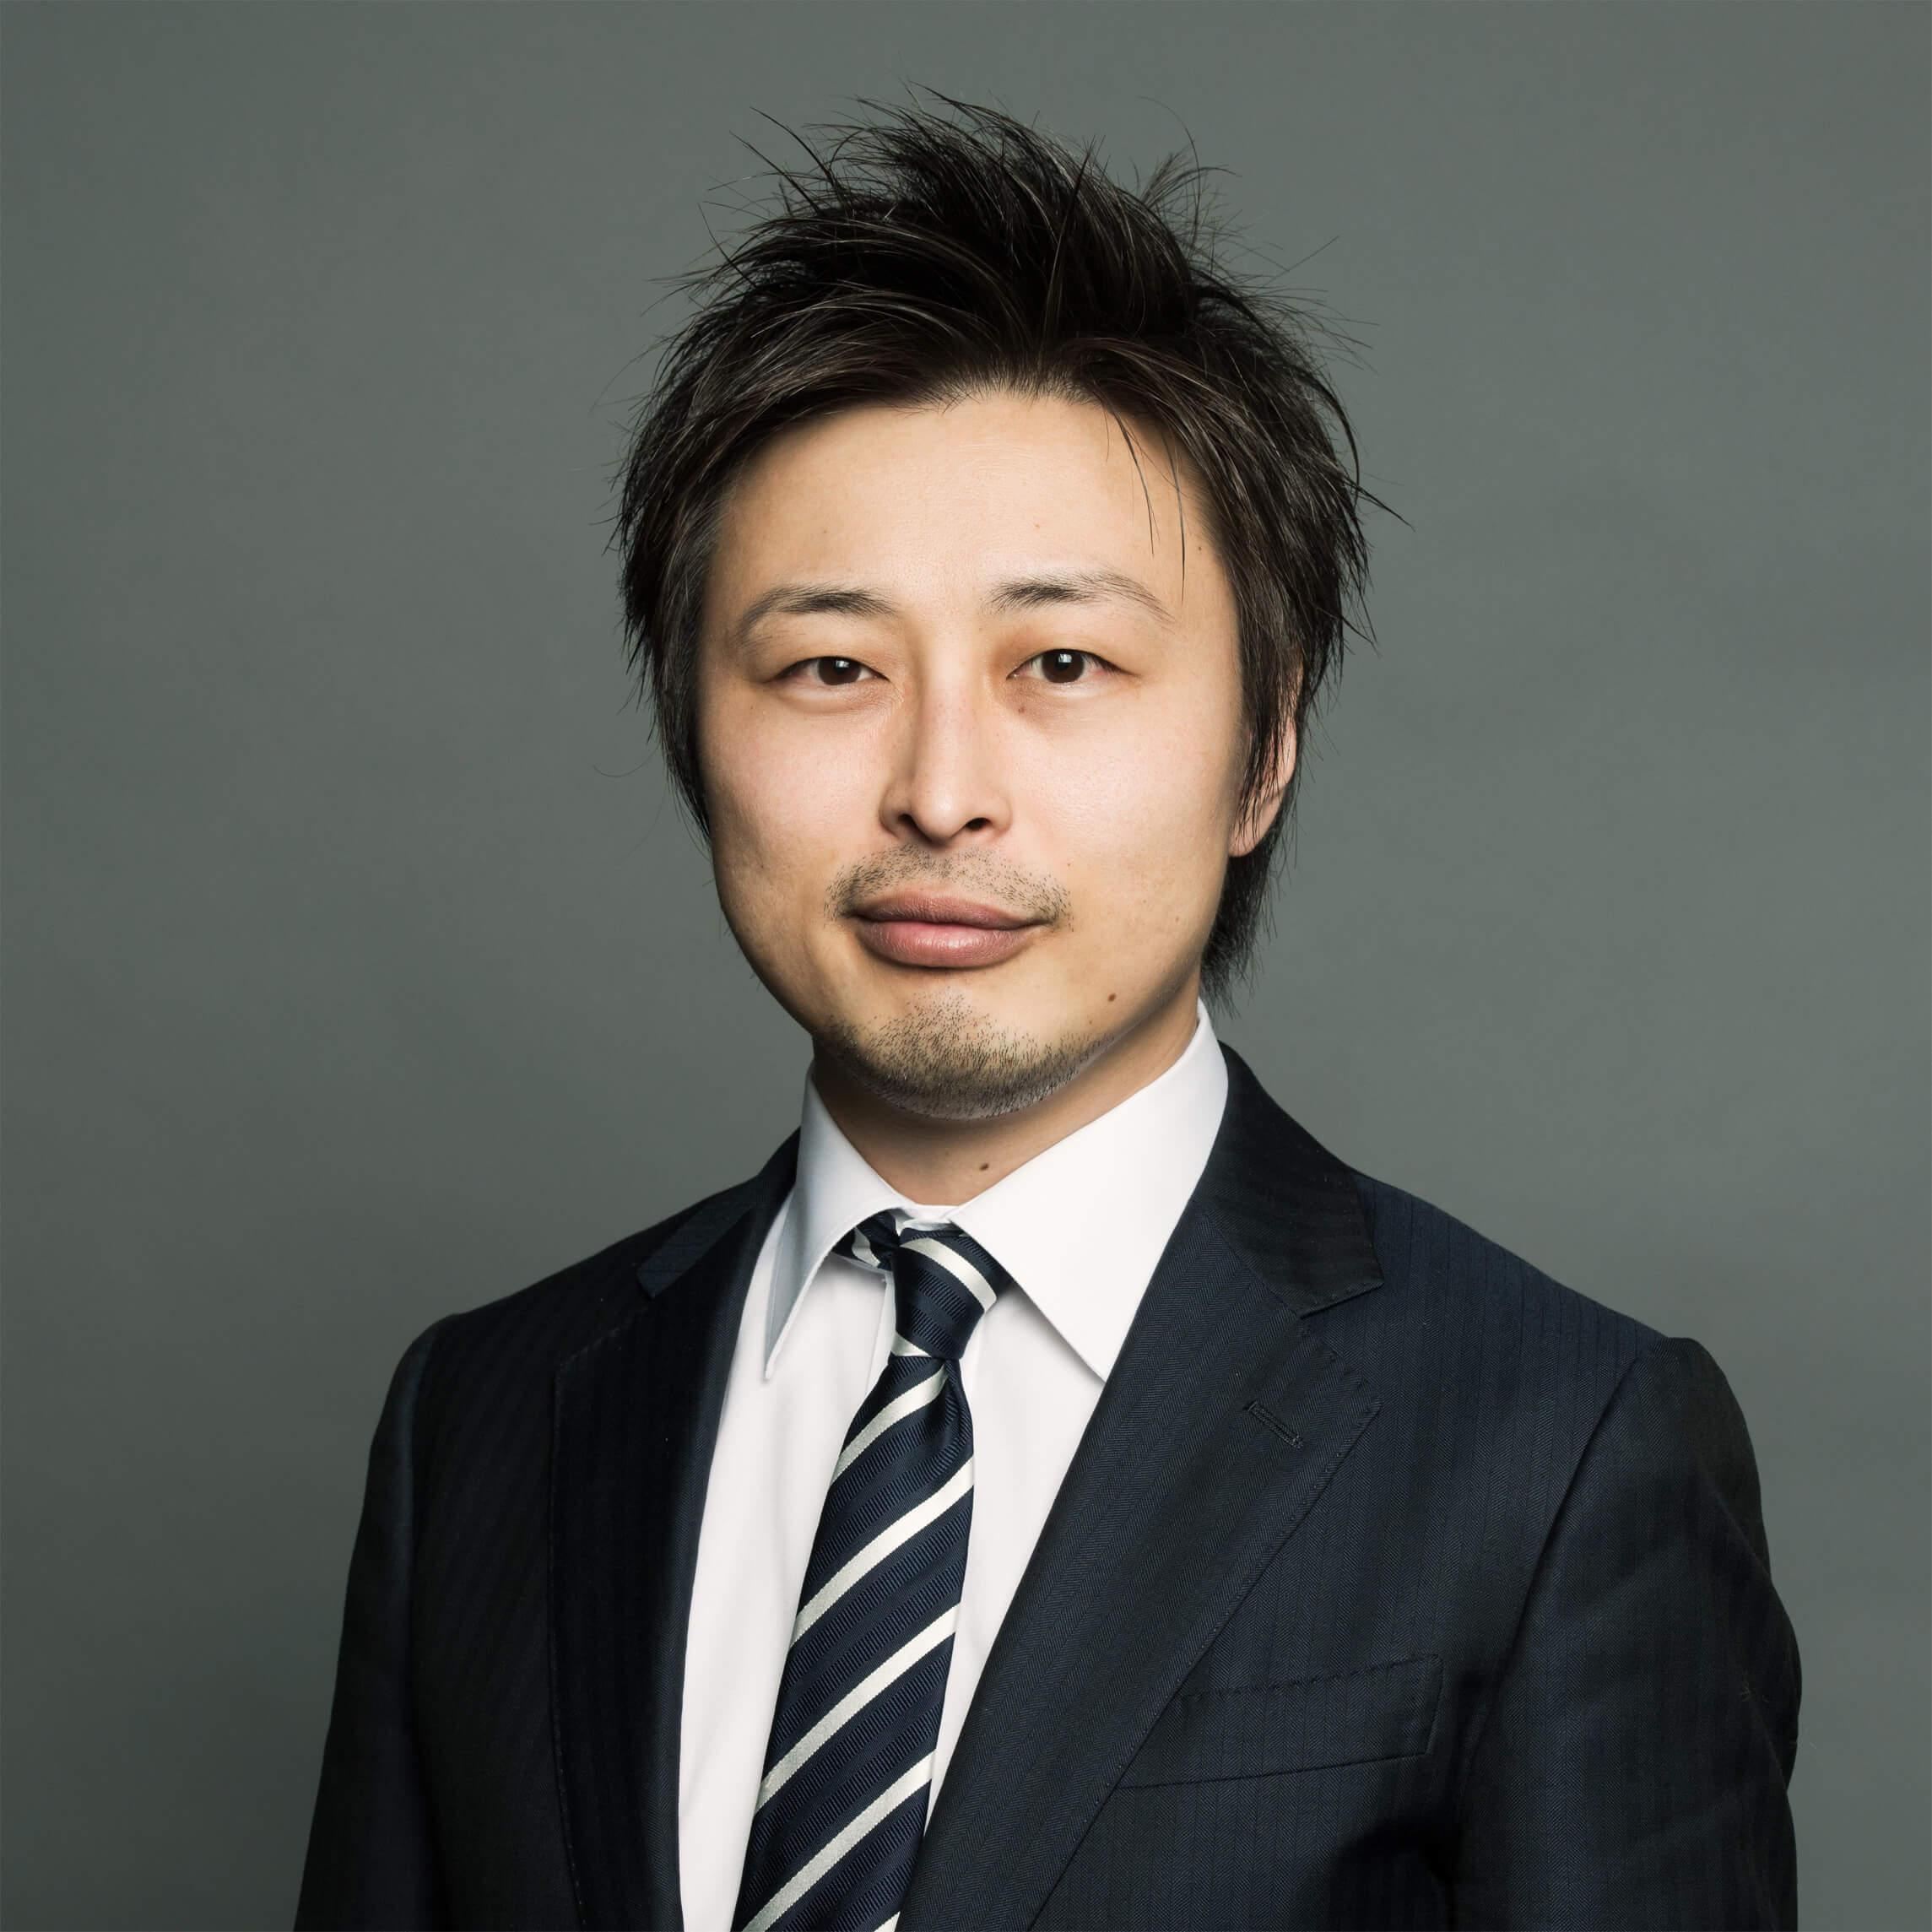 株式会社Kaizen Platform 代表取締役 須藤 憲司